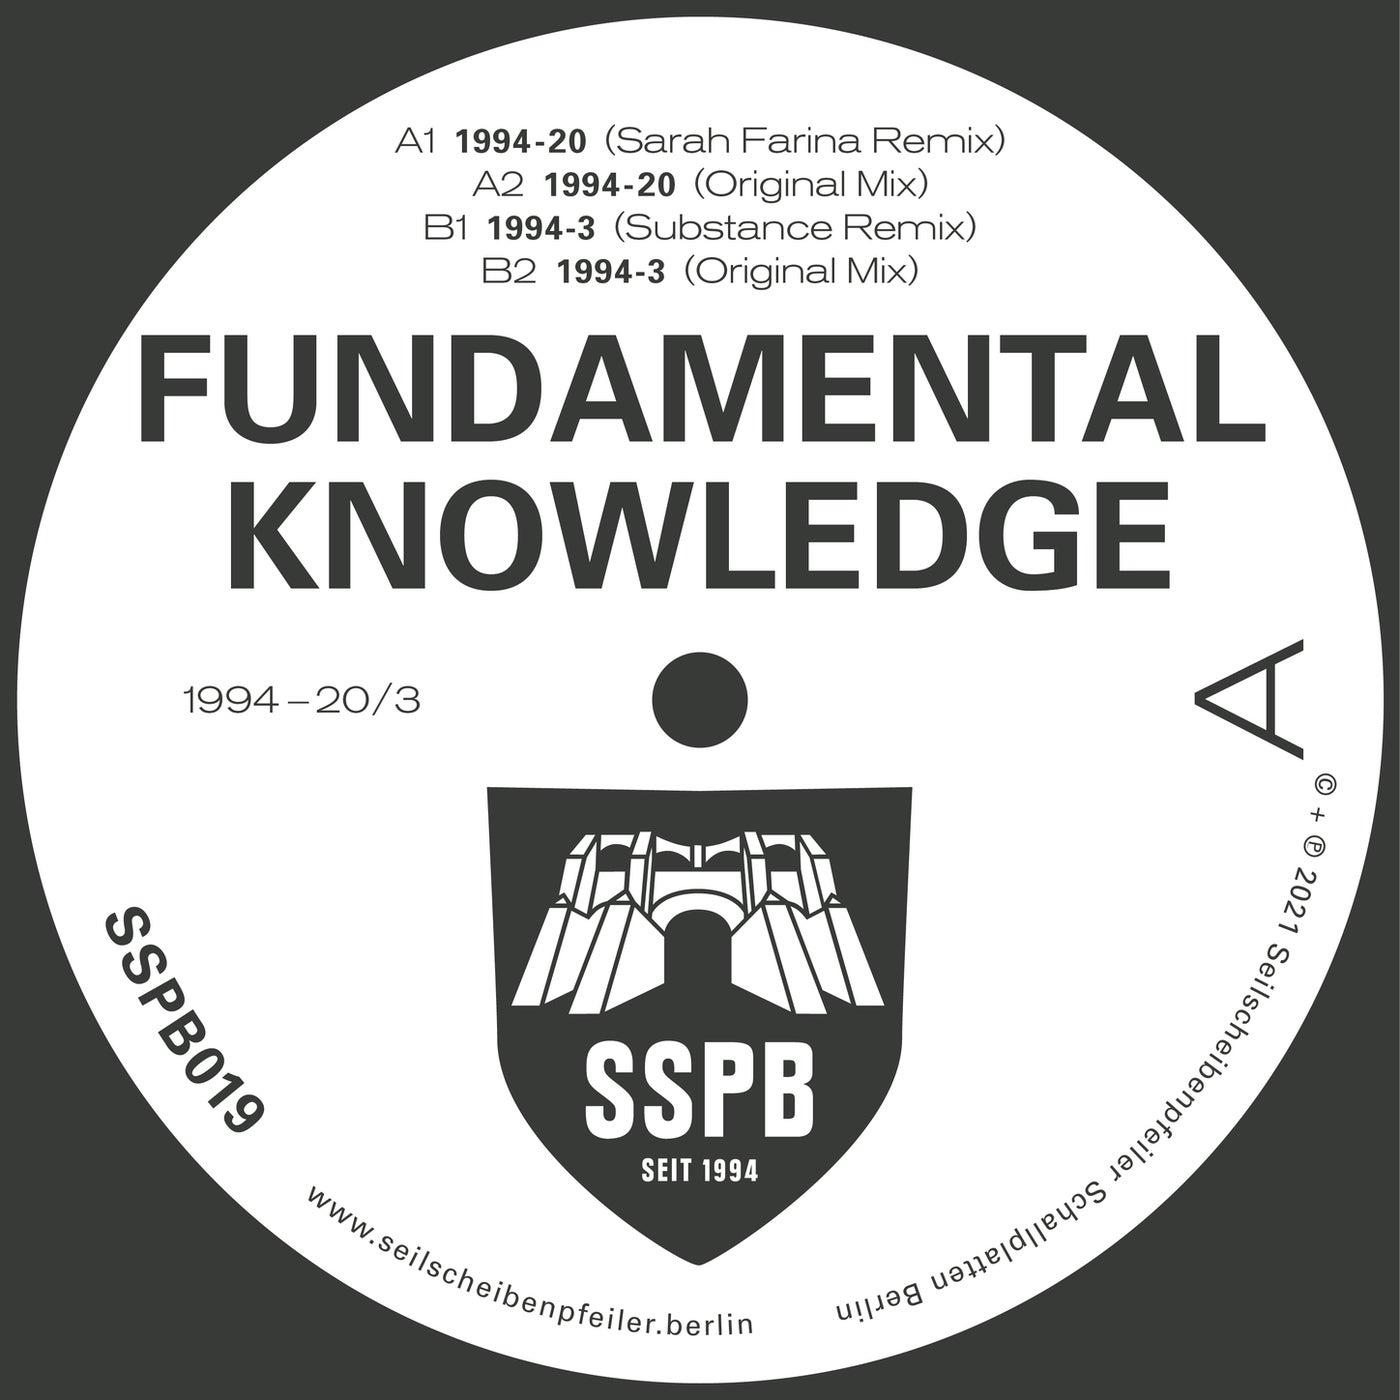 1994-20 (Sarah Farina Remix)